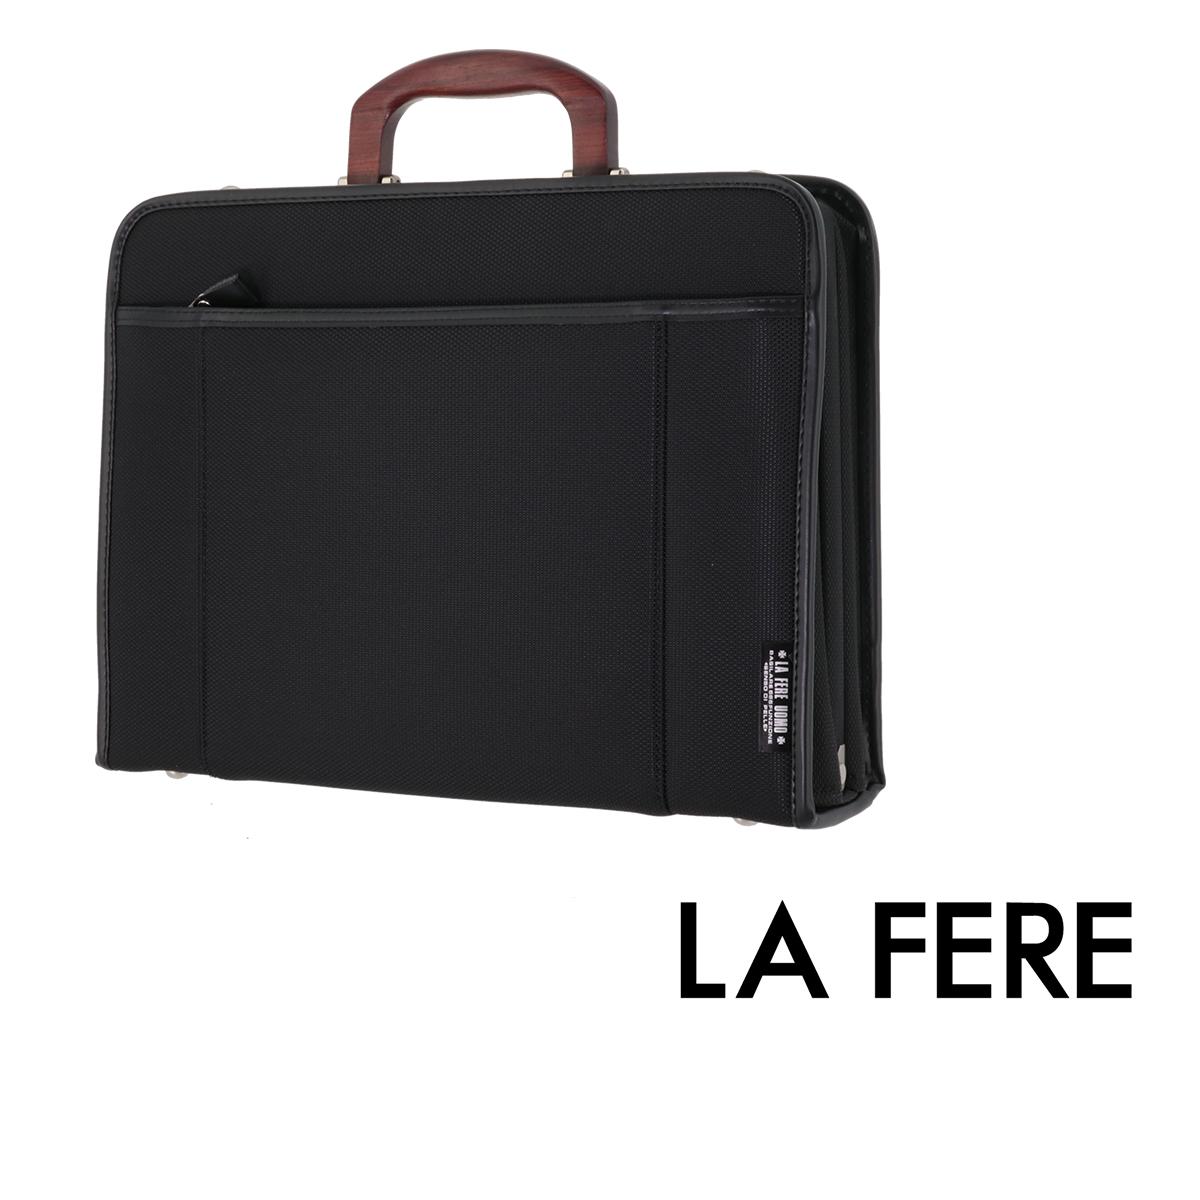 青木鞄 ラフェール ブリーフケース オプス 6727 | LA FERE ビジネスバッグ メンズ 日本製 ナイロン[PO10][bef]